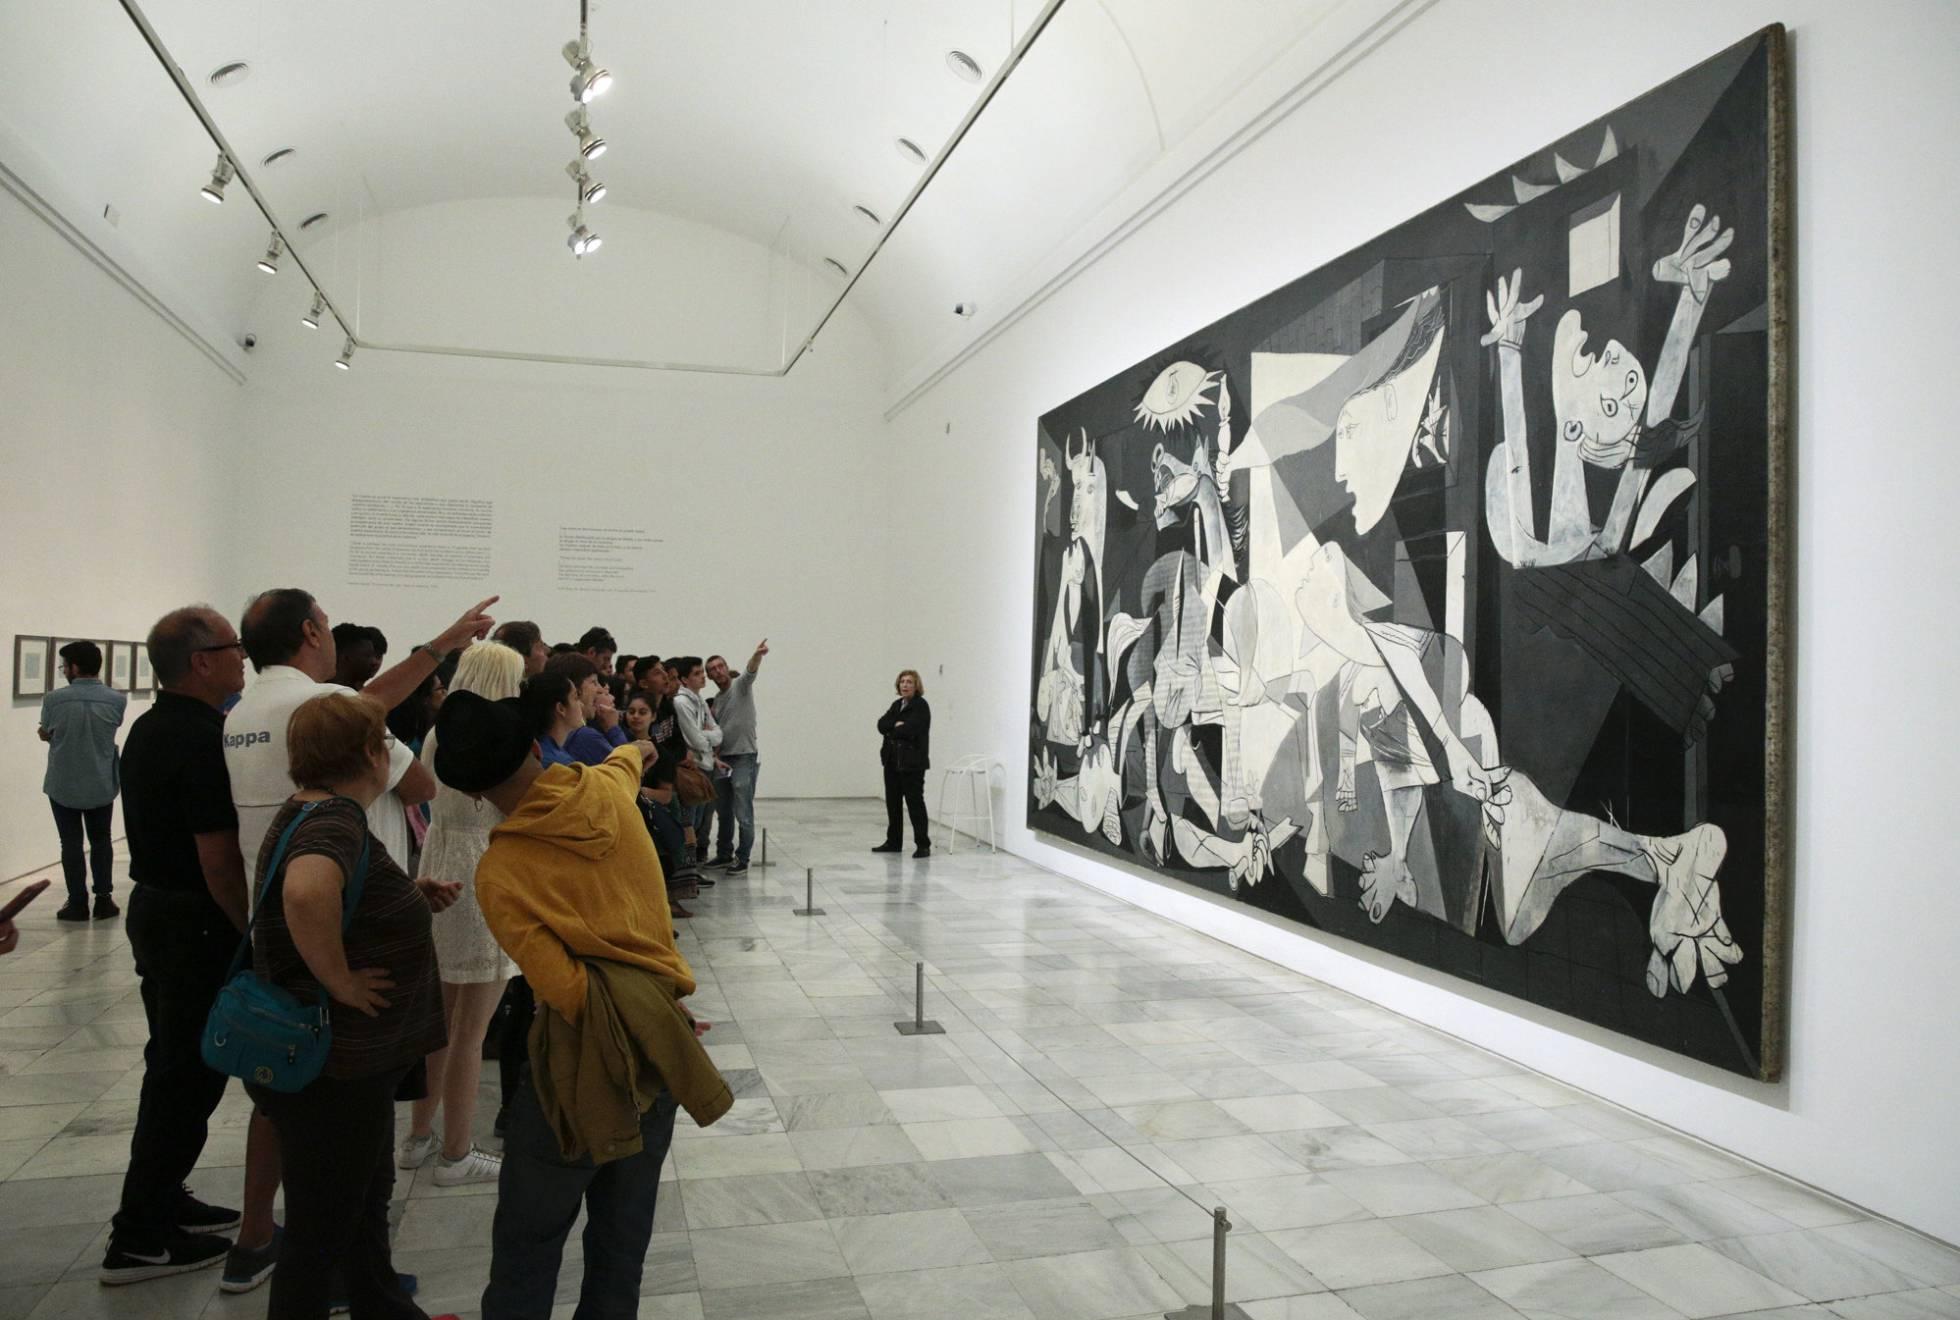 Qué ver y hacer en Madrid - Museo Reina Sofía | Foto:  Andrea Comas - Elpais.es